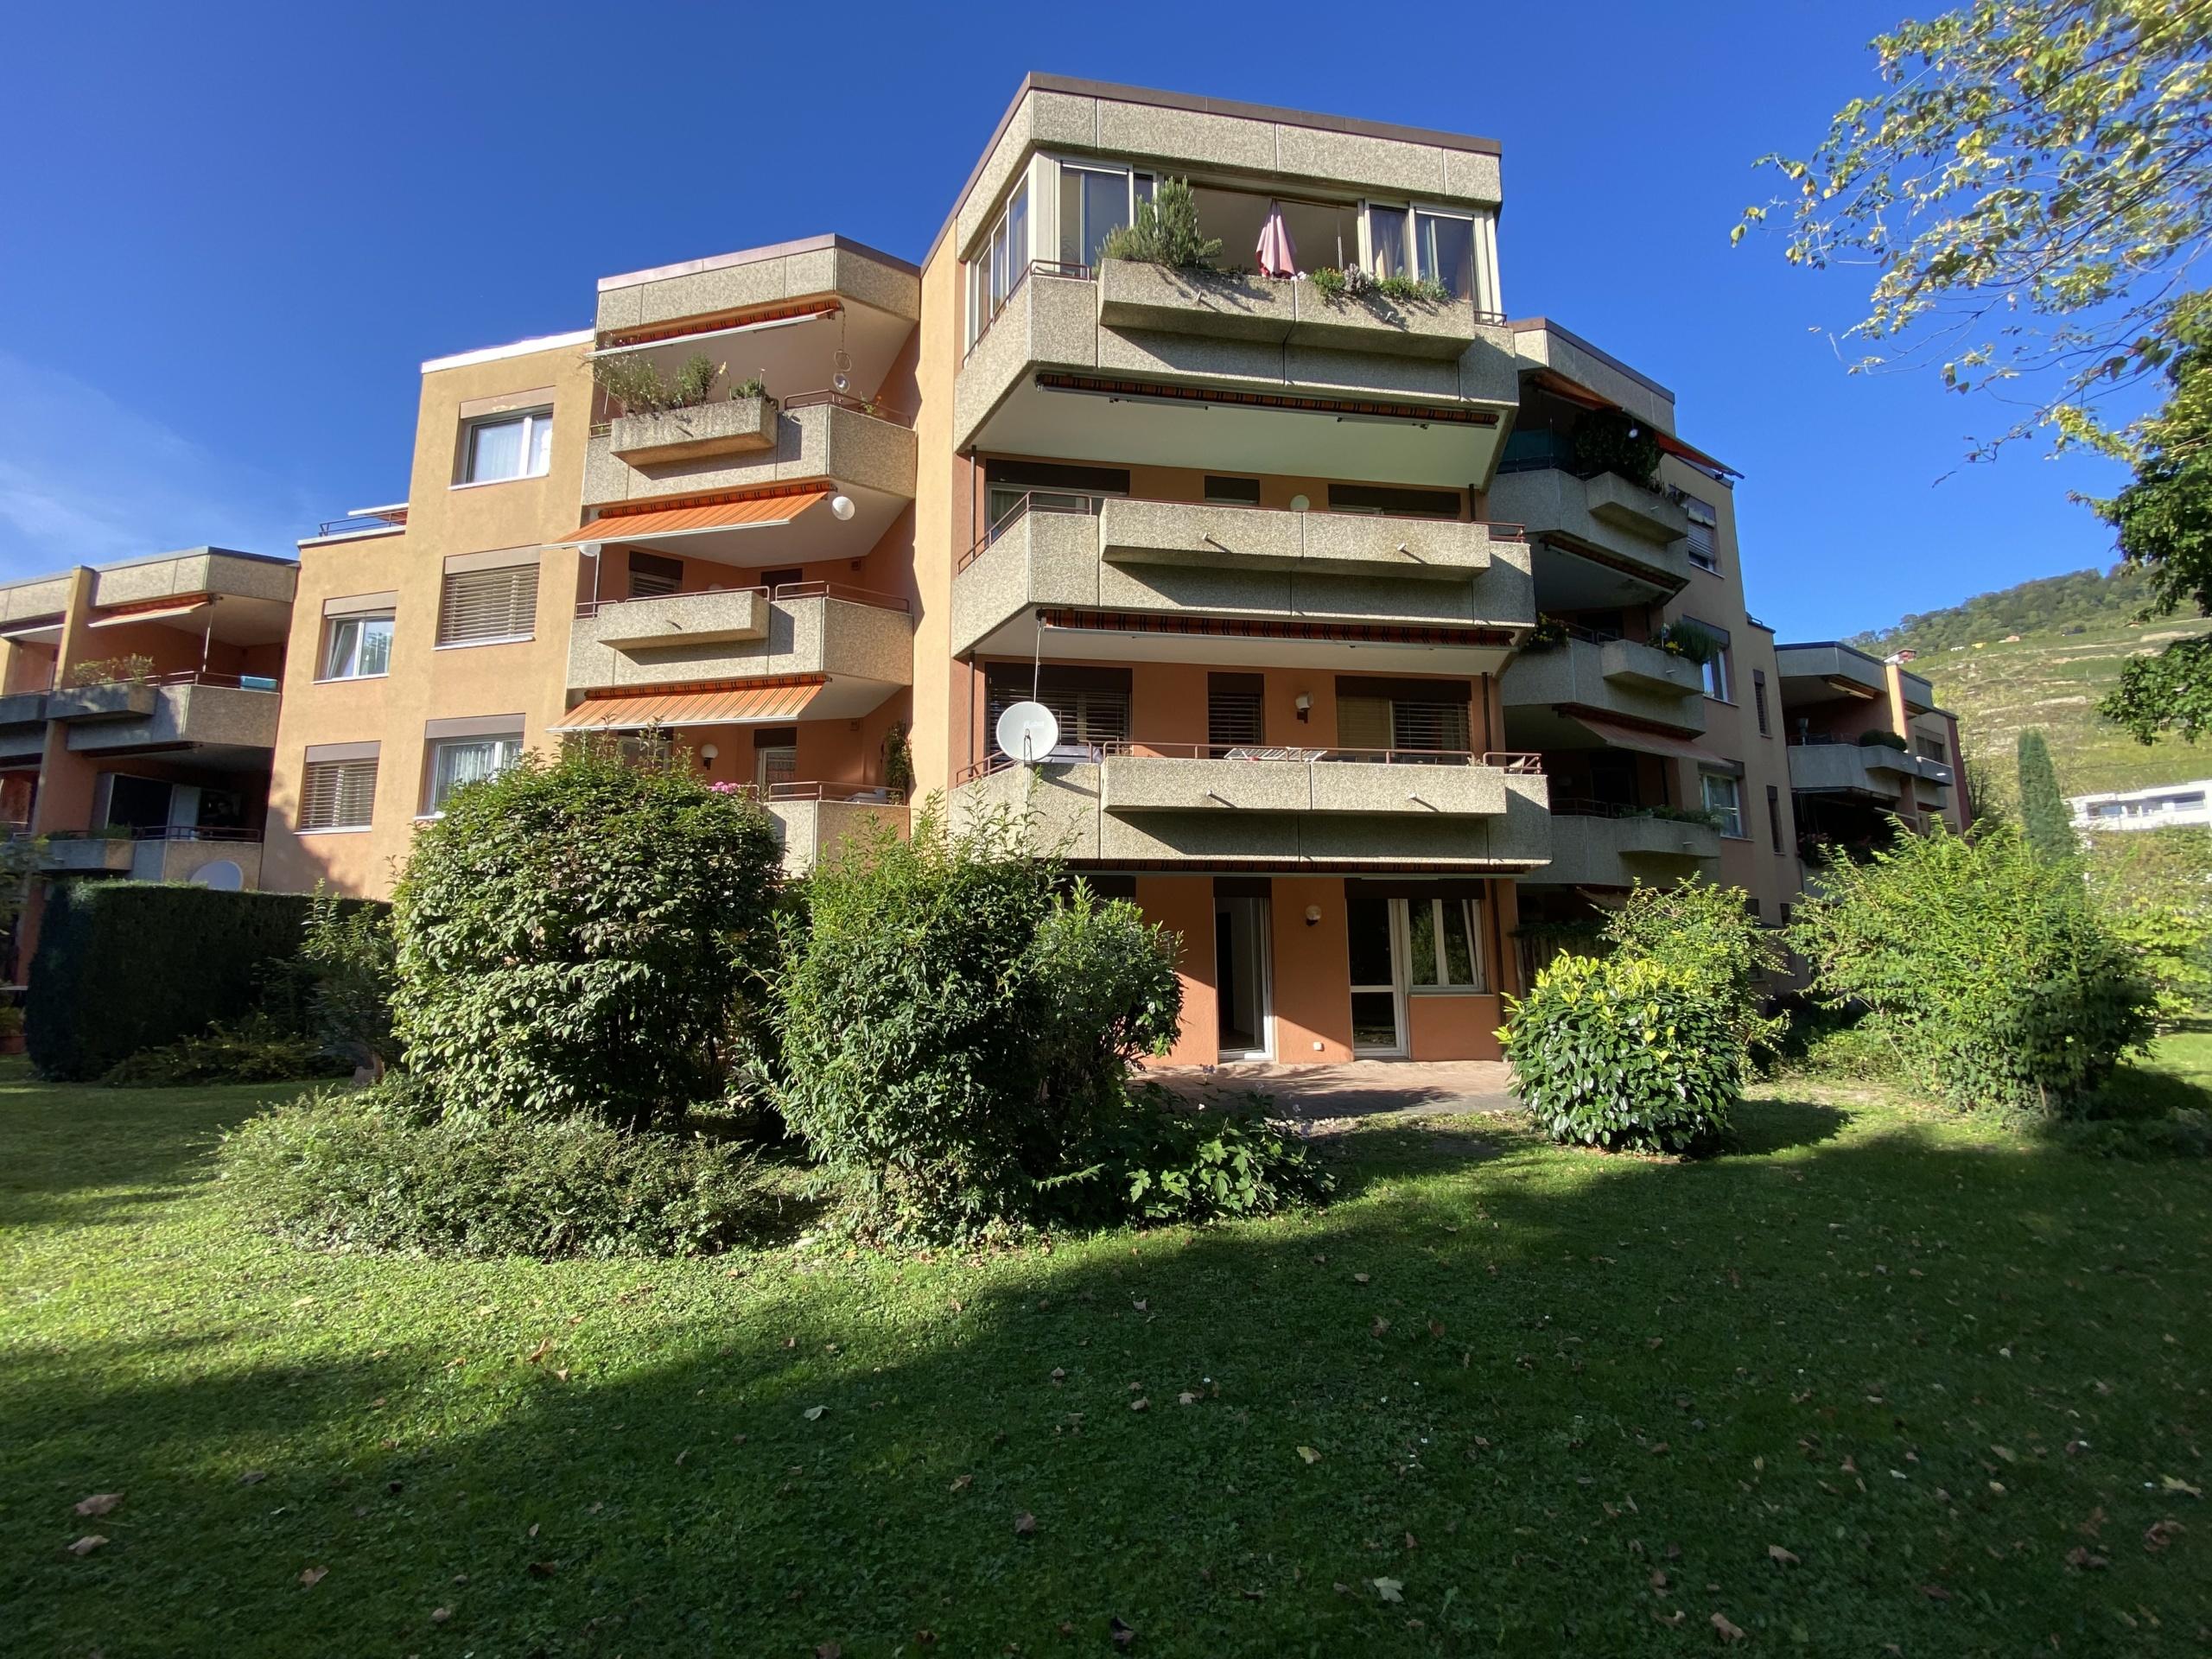 Appartement de 2,5 pièces à vendre à Bex